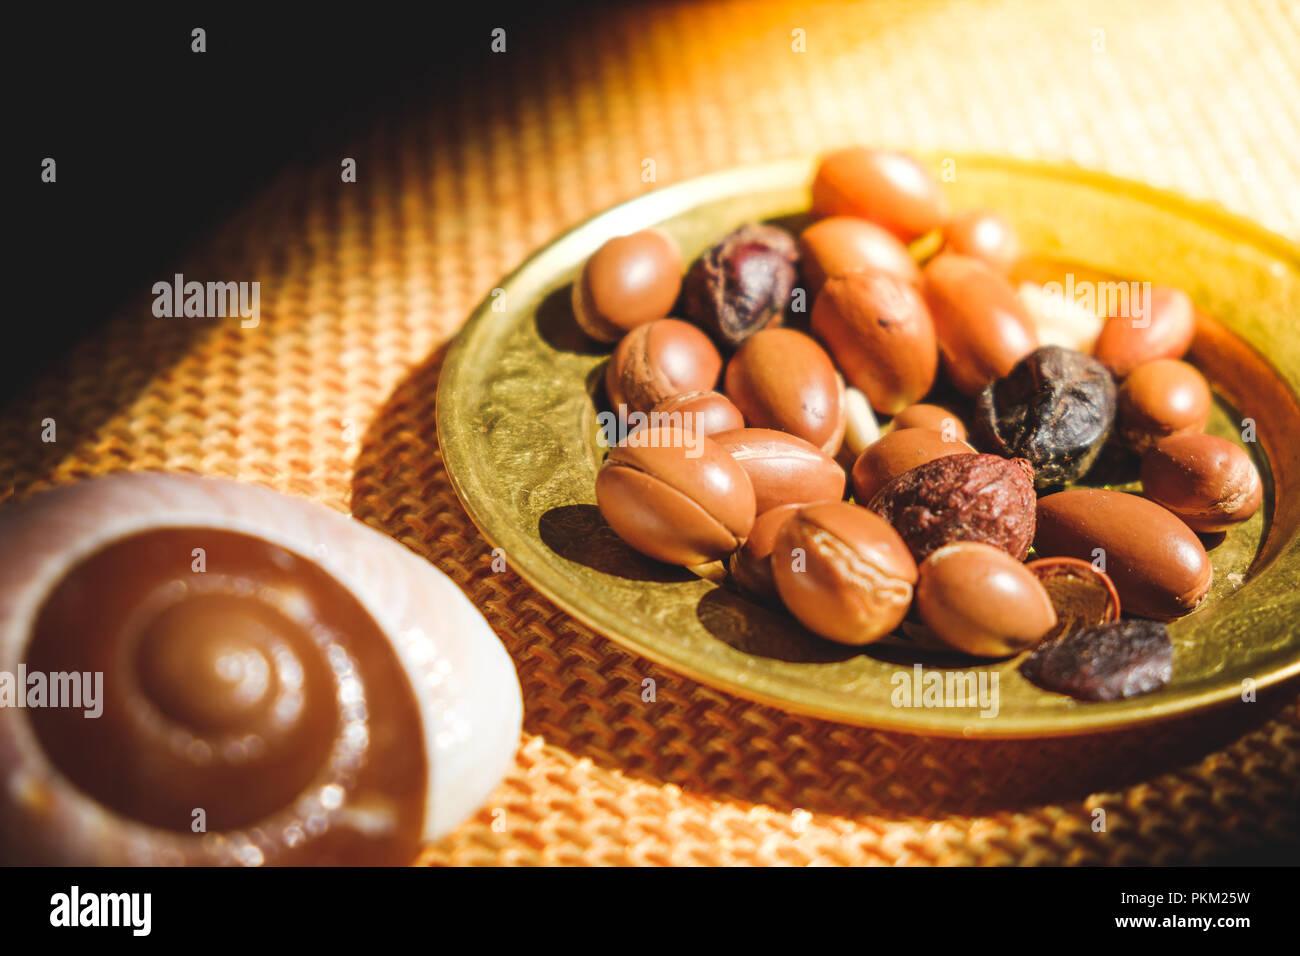 Les noix d'Argan Argan graines sur platine - est un antioxydant utilisé pour produire de l'huile pour la peau Photo Stock